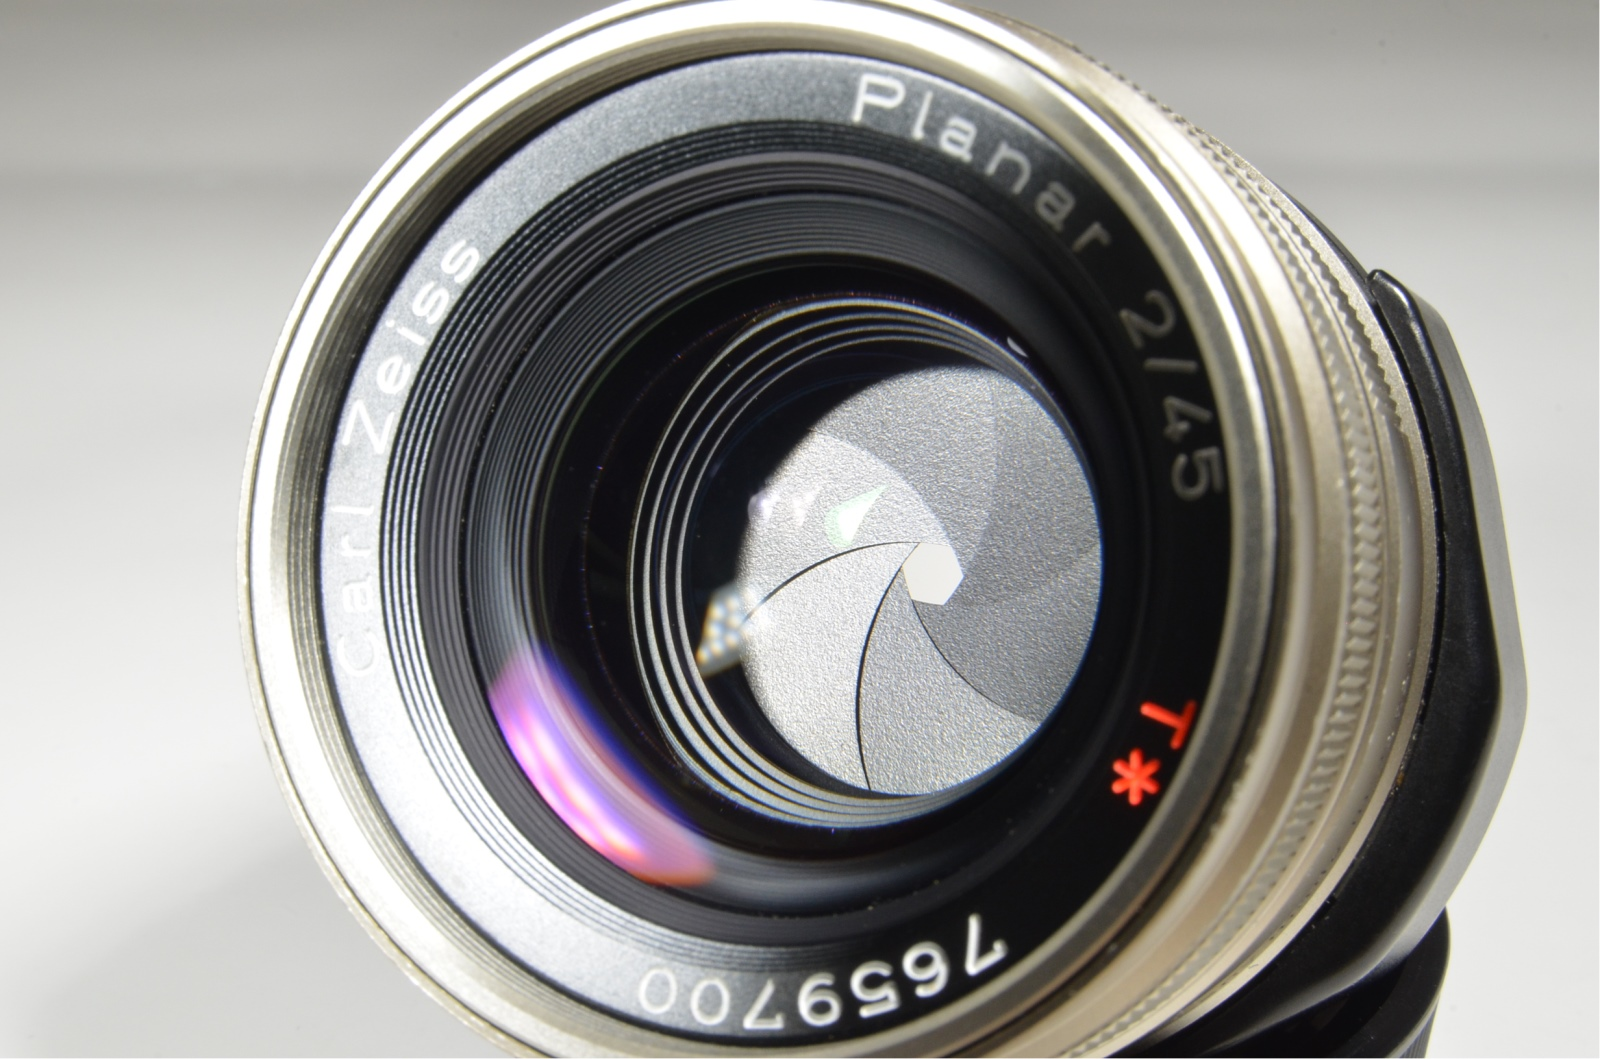 contax g2 camera / planar 45mm f2 / biogon 28 f2.8 / sonnar 90mm f2.8